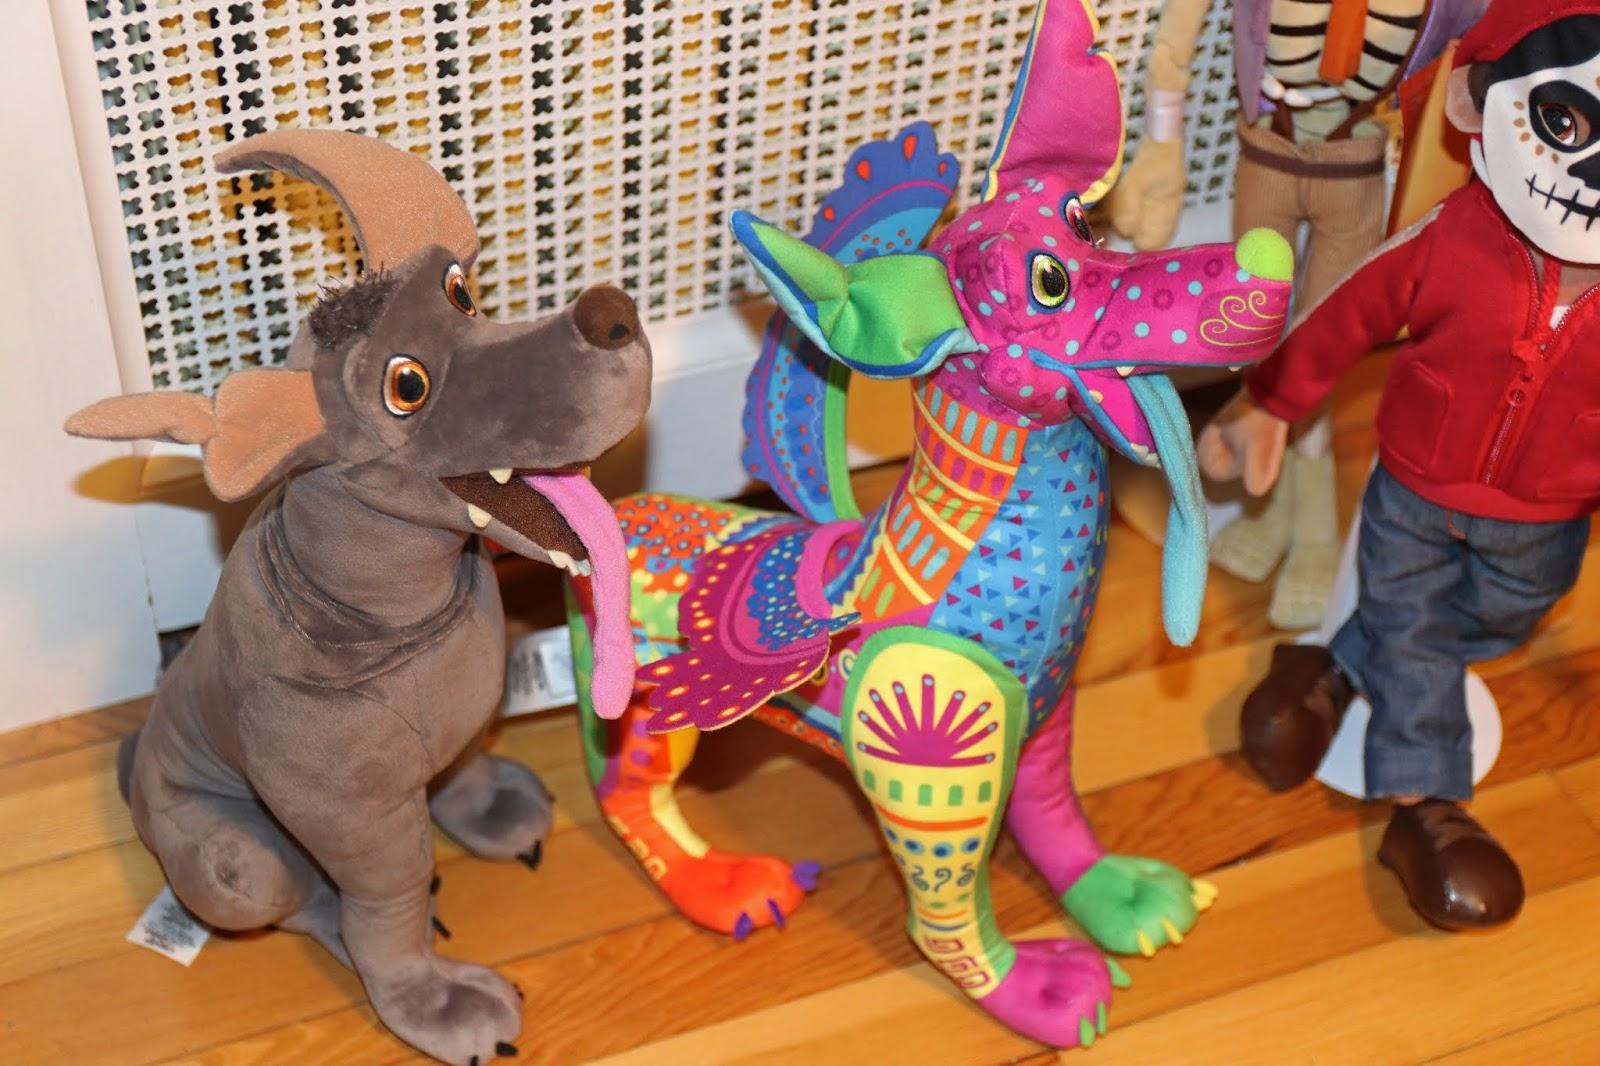 disney store coco plush toys dante